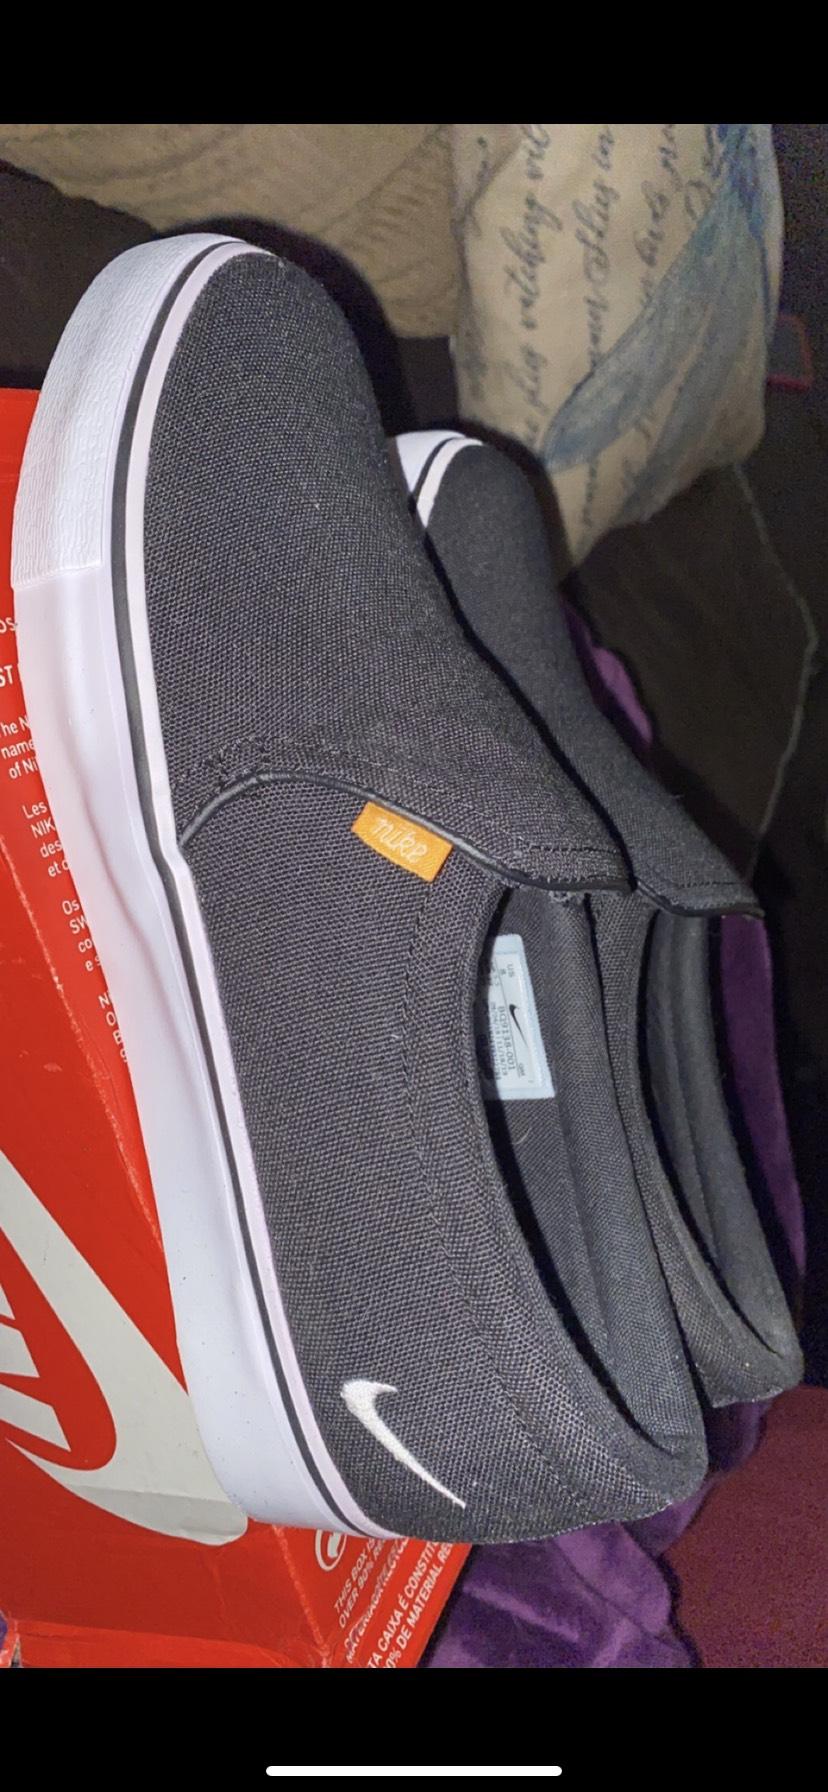 Nike - $50 - Size 8